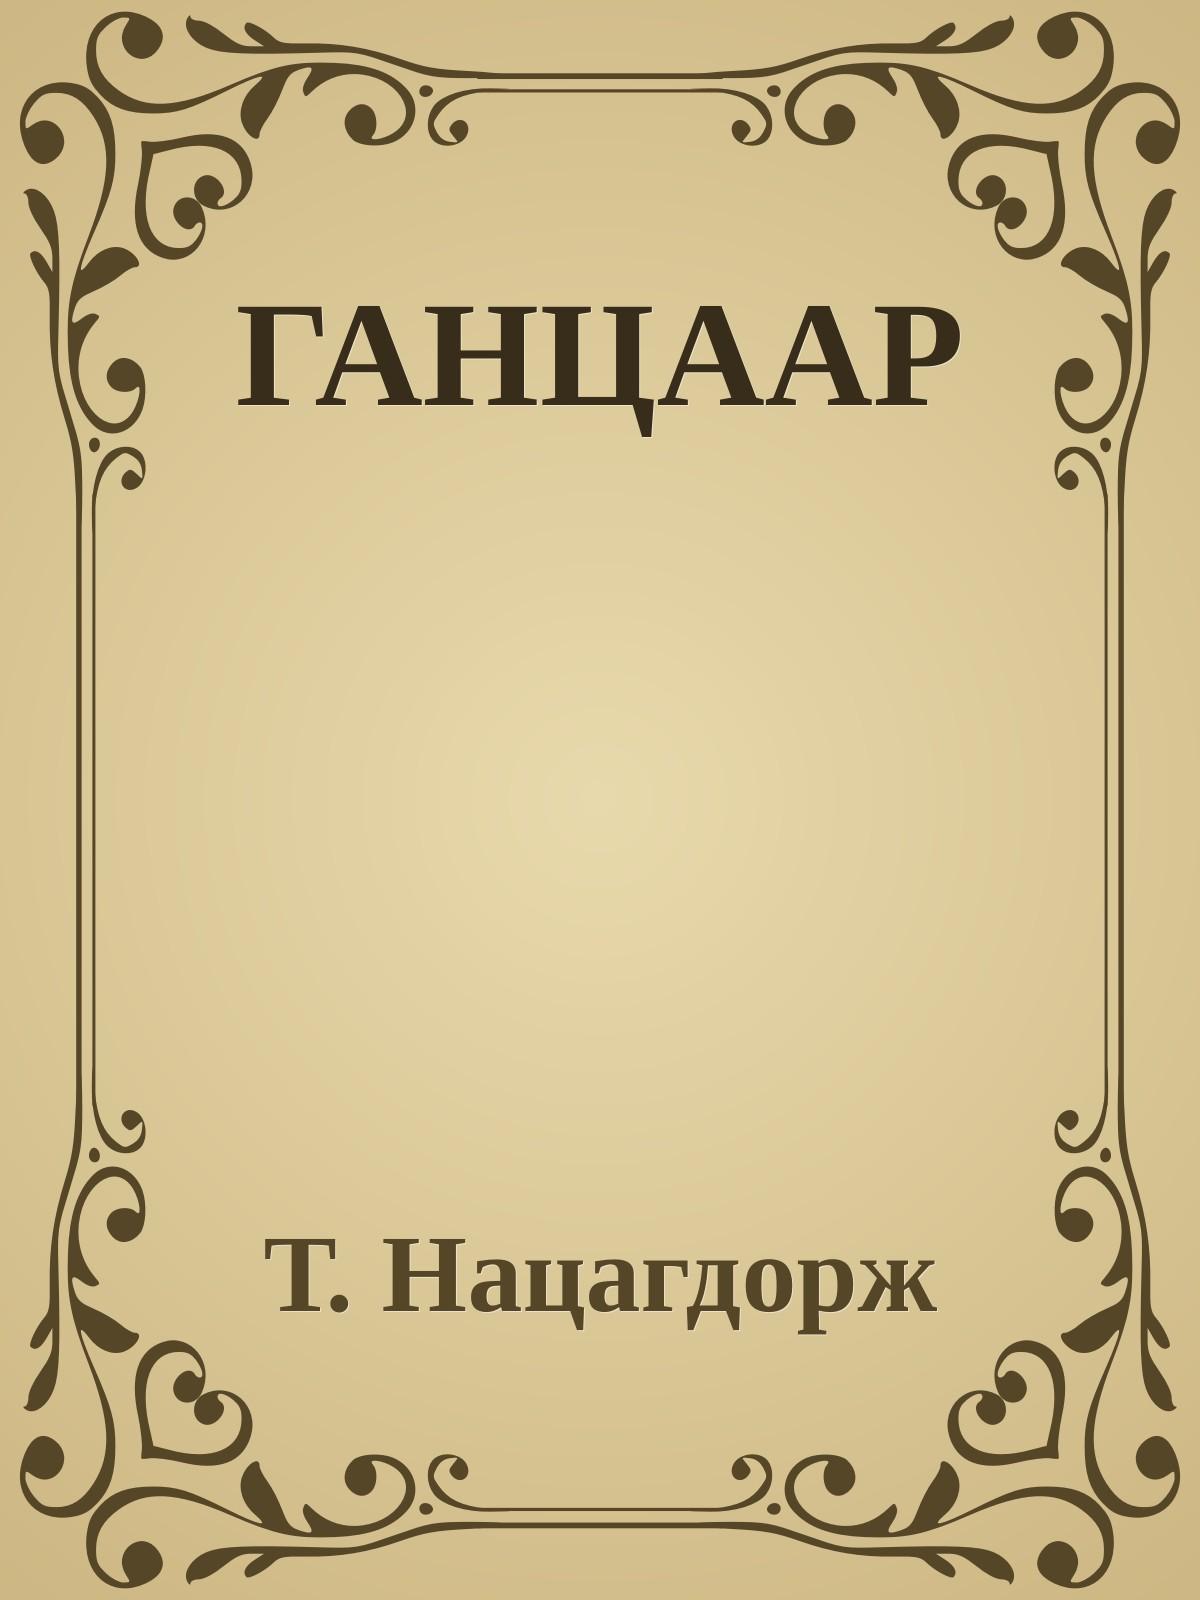 ГАНЦААР